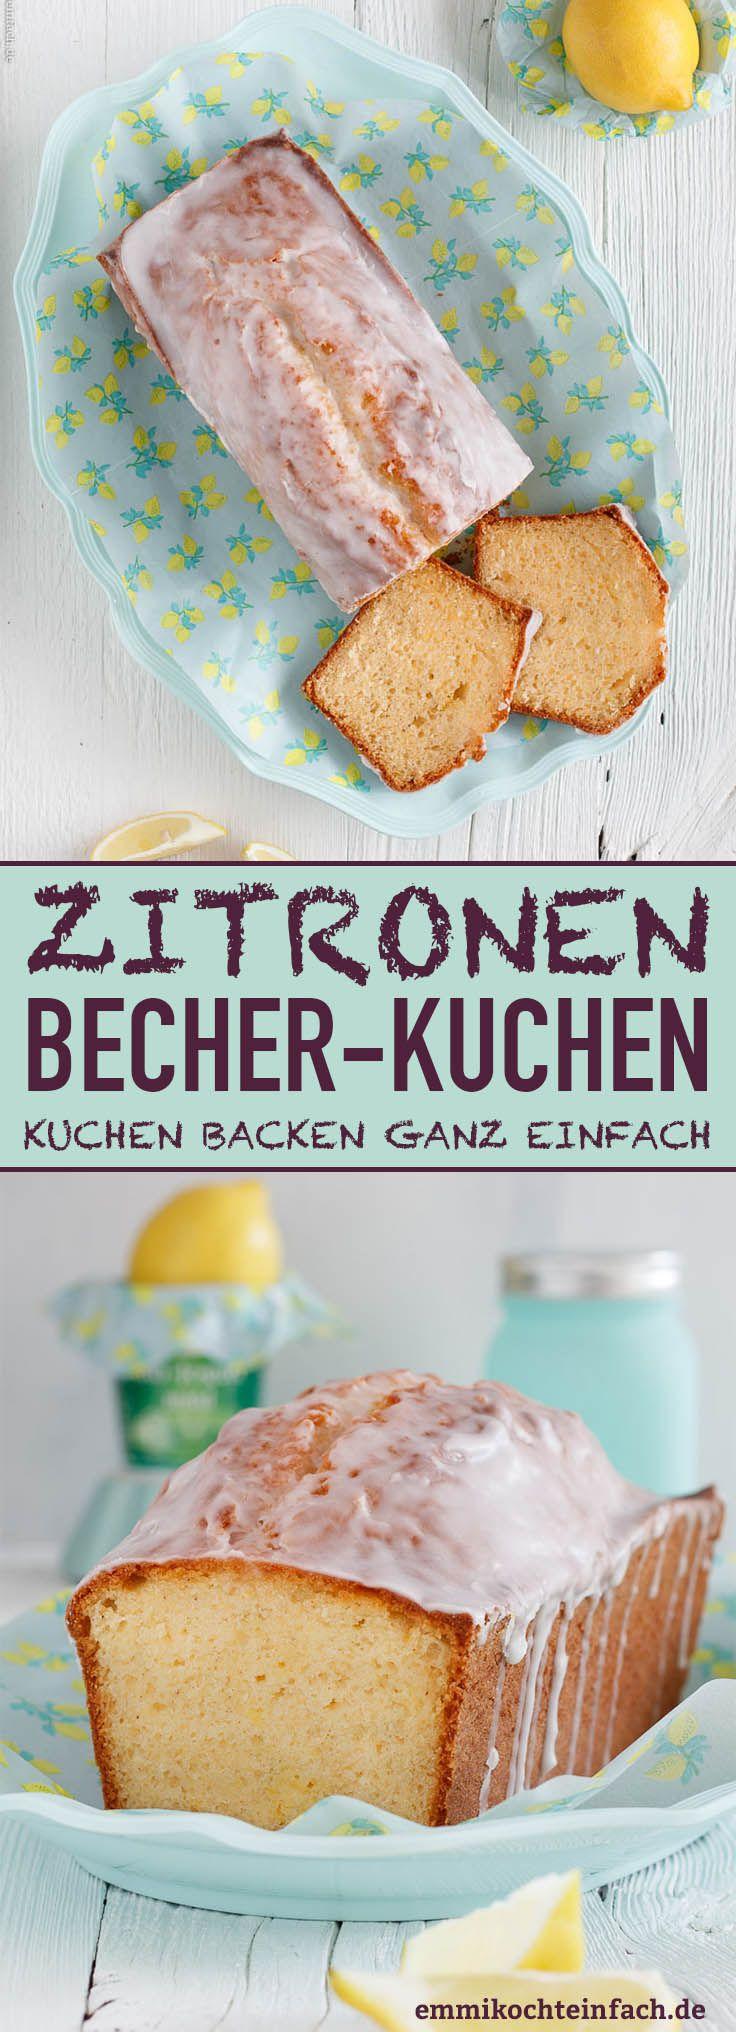 Photo of Joghurt Zitronenkuchen – ein einfacher Becherkuchen – emmikochteinfach